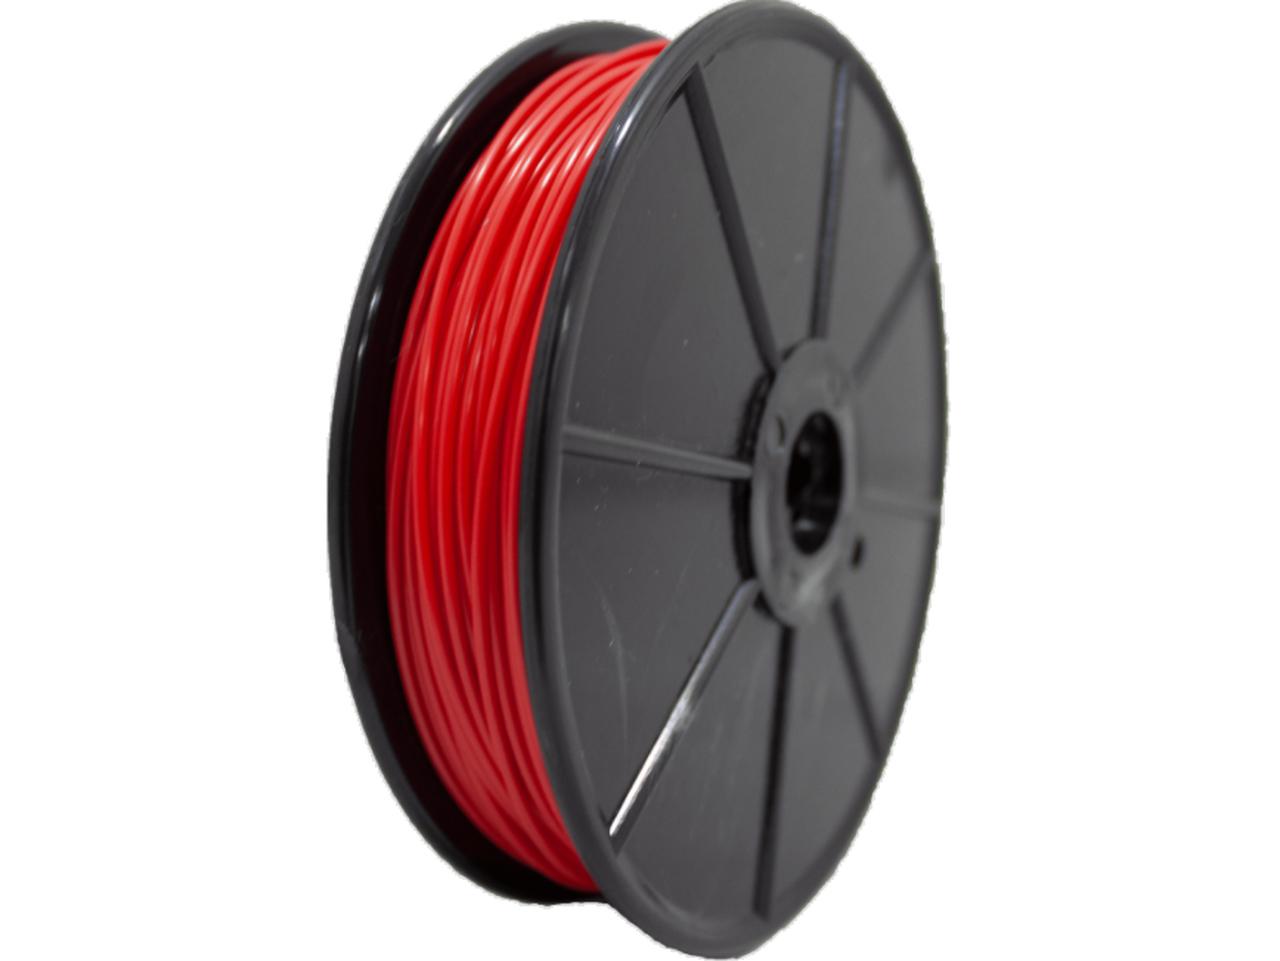 Filamento ABS Premium - Vermelho - 3D Lab - 1.75mm - 200g